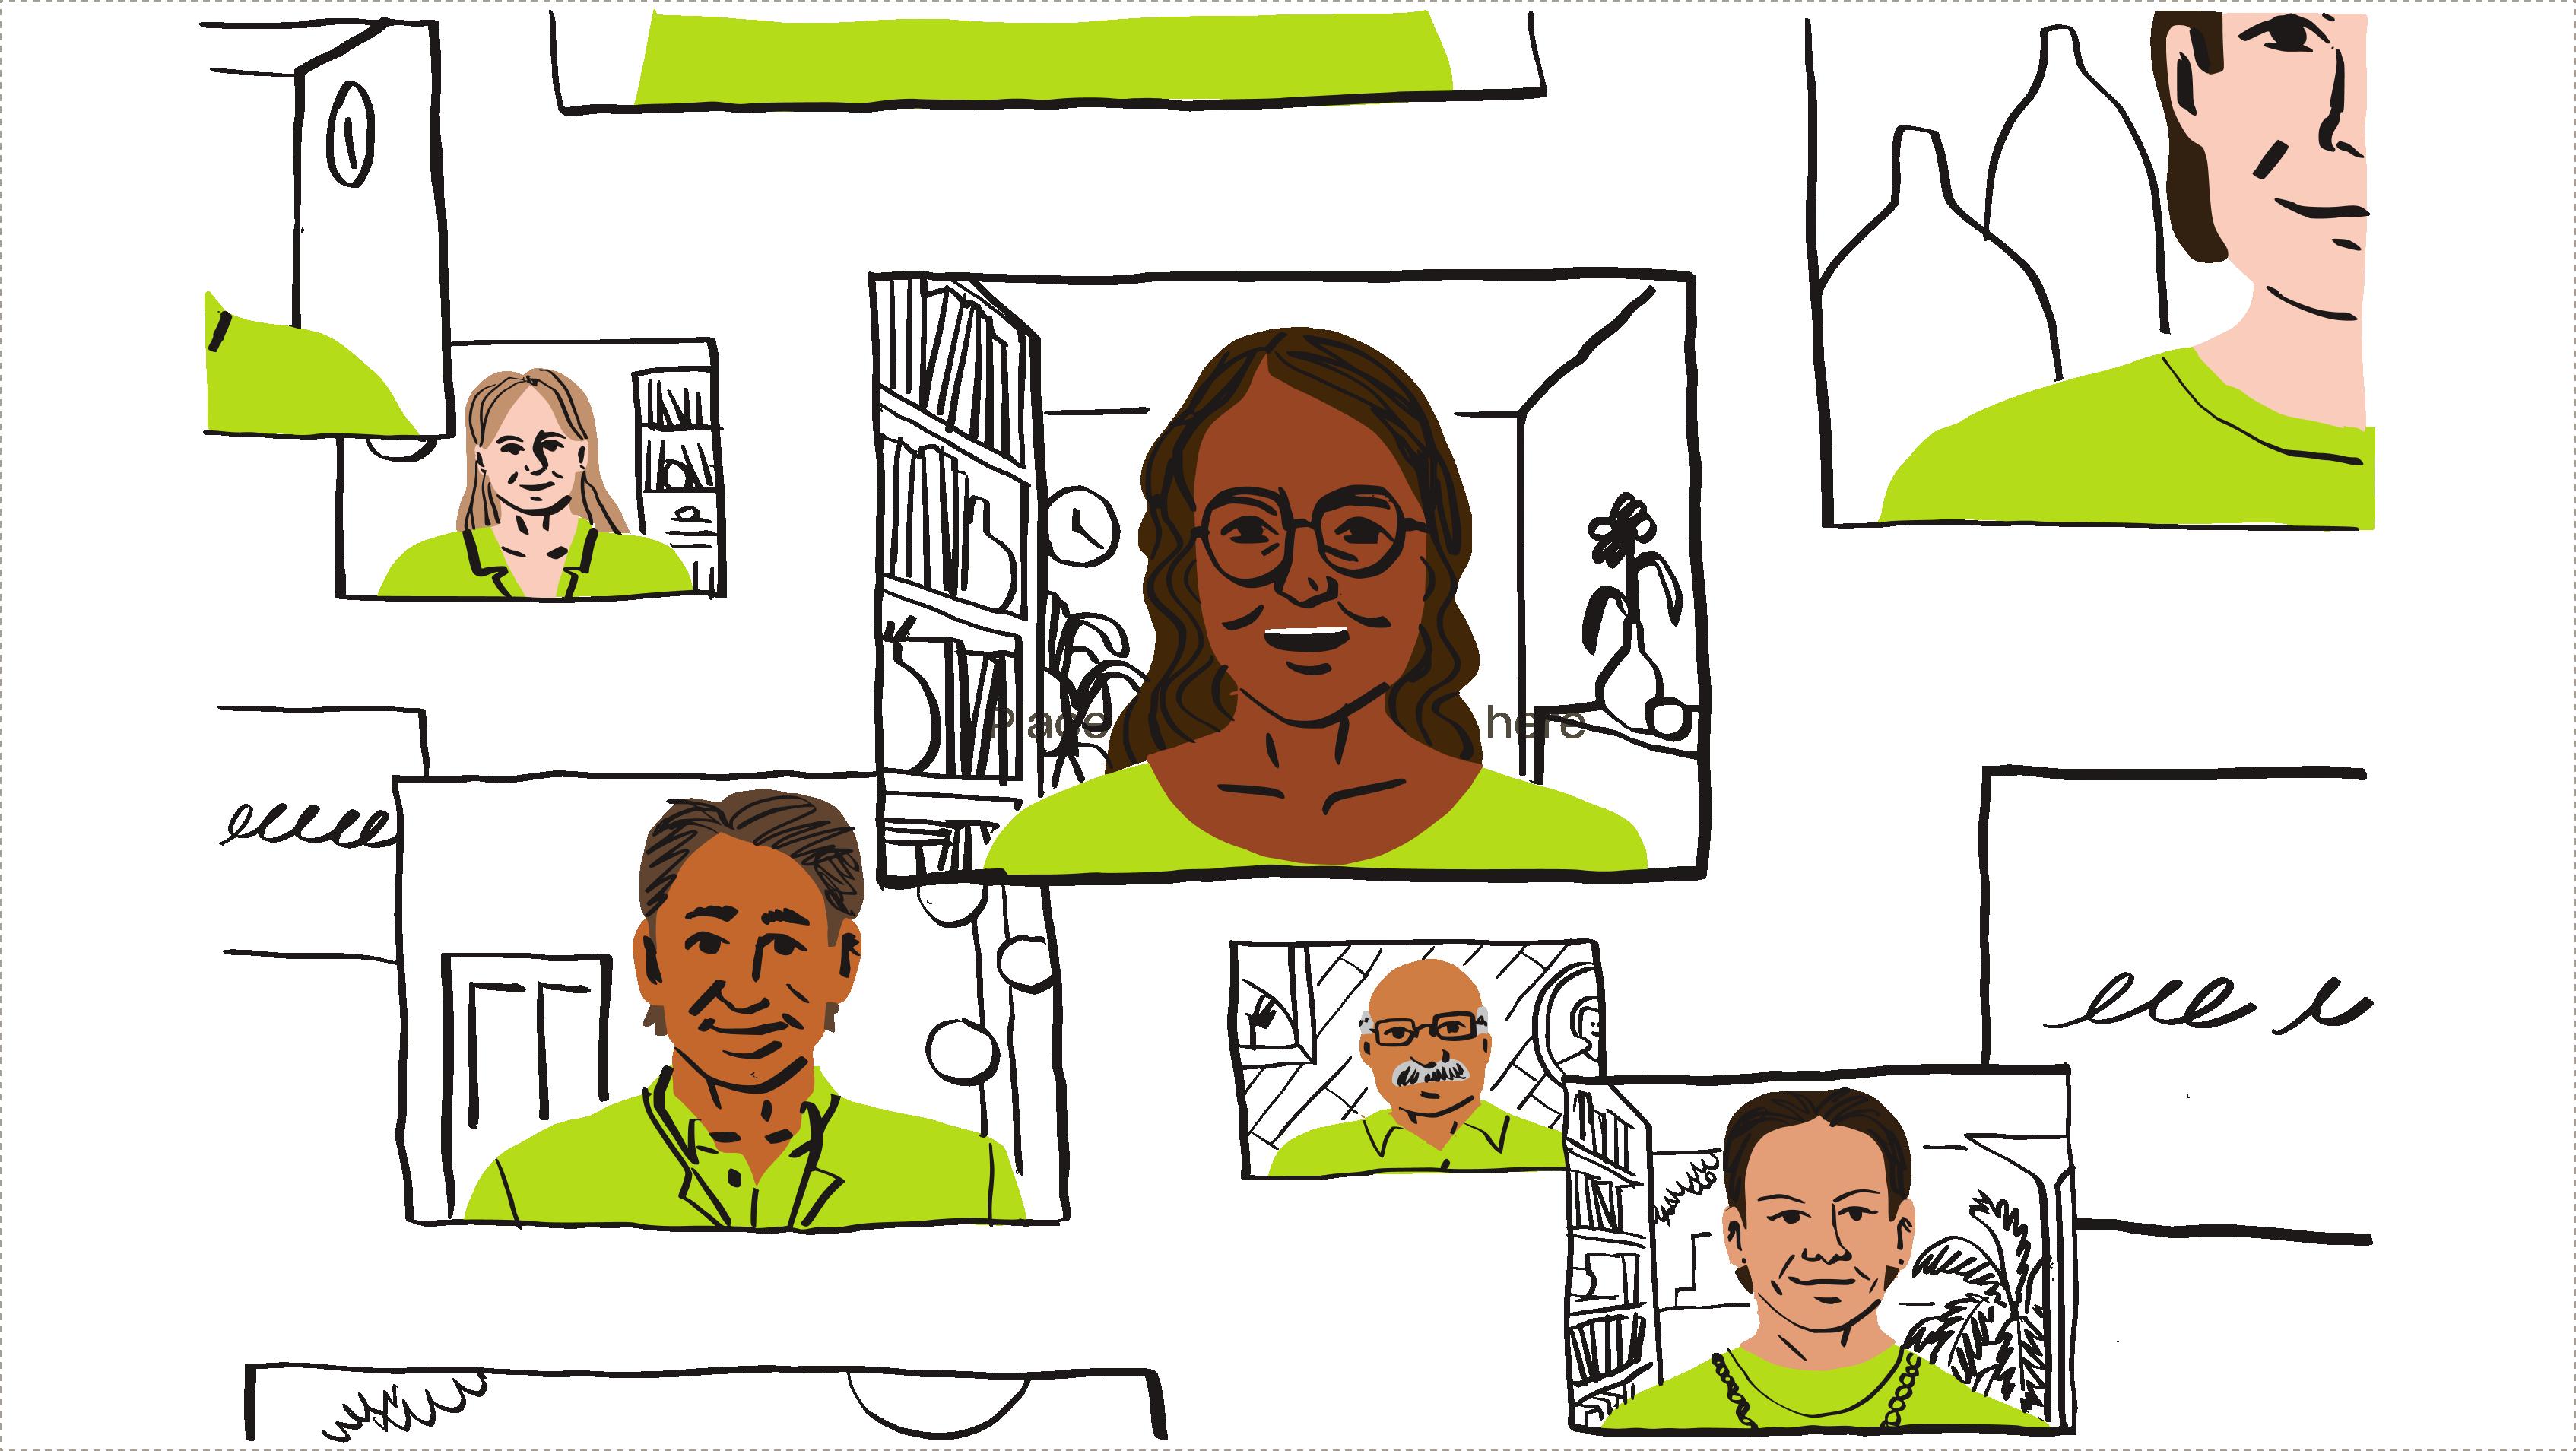 Ilustración de siete hombres y mujeres en una videollamada.